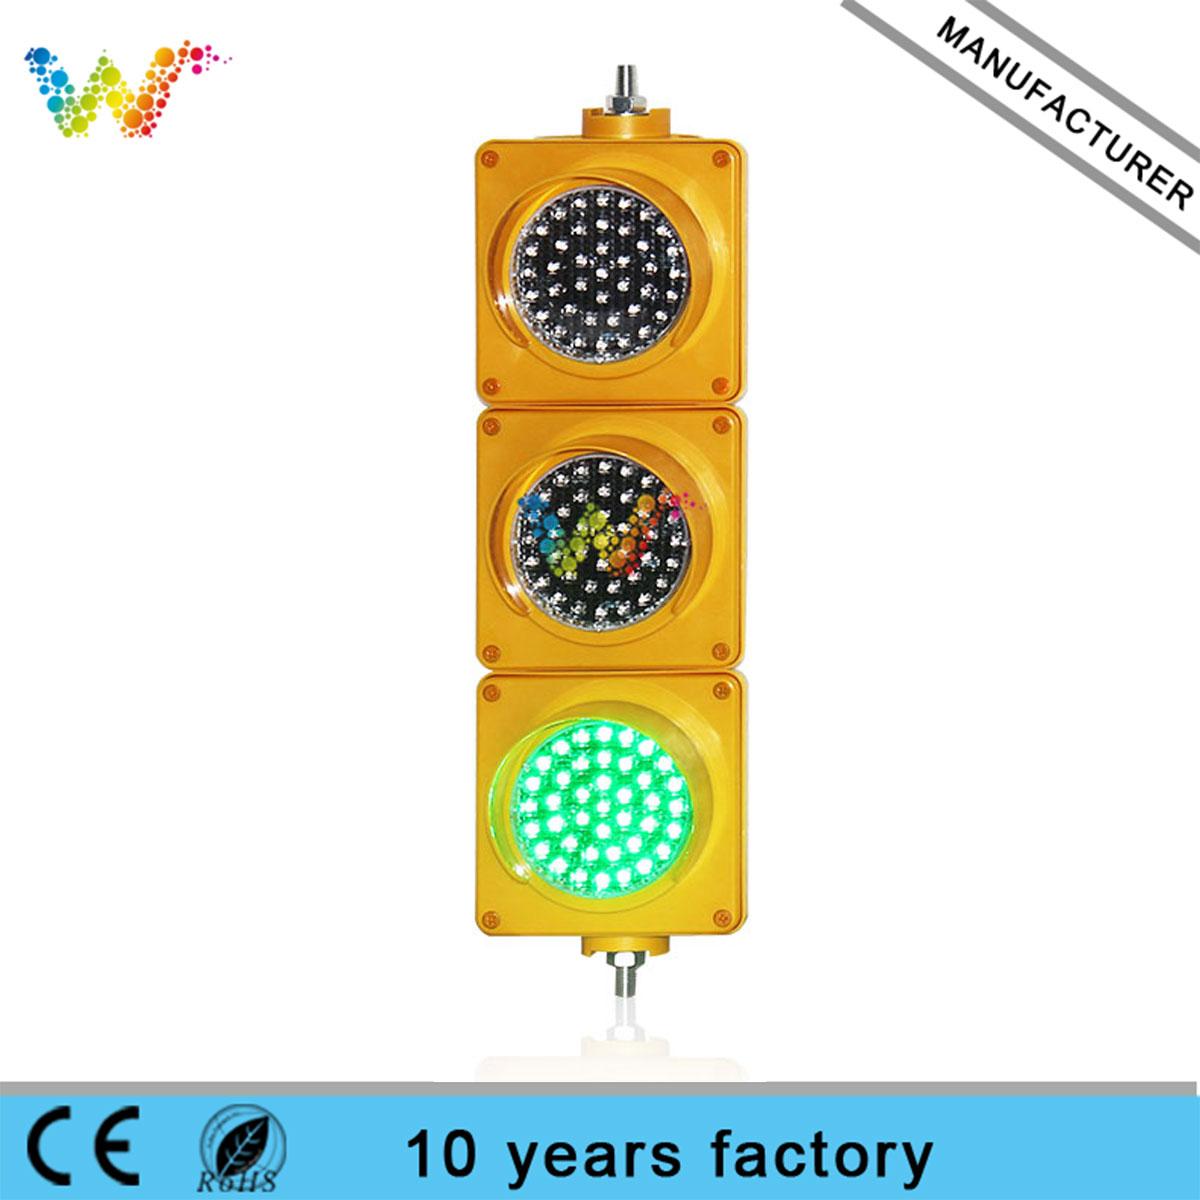 red amber green 100mm 12v dc led traffic light